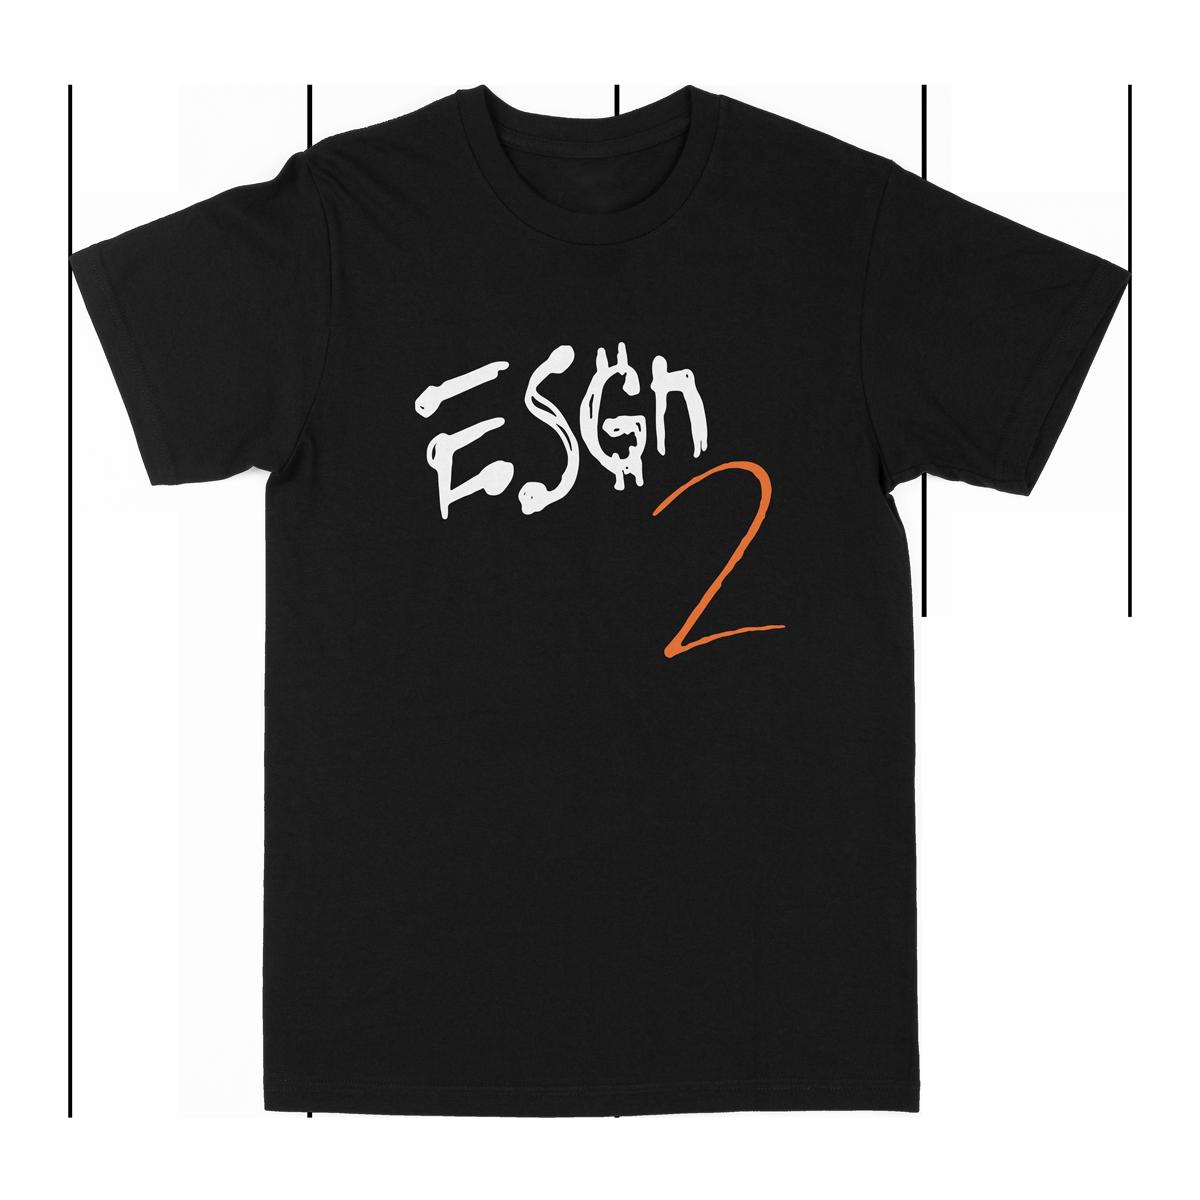 ESGN2 Tee - Black